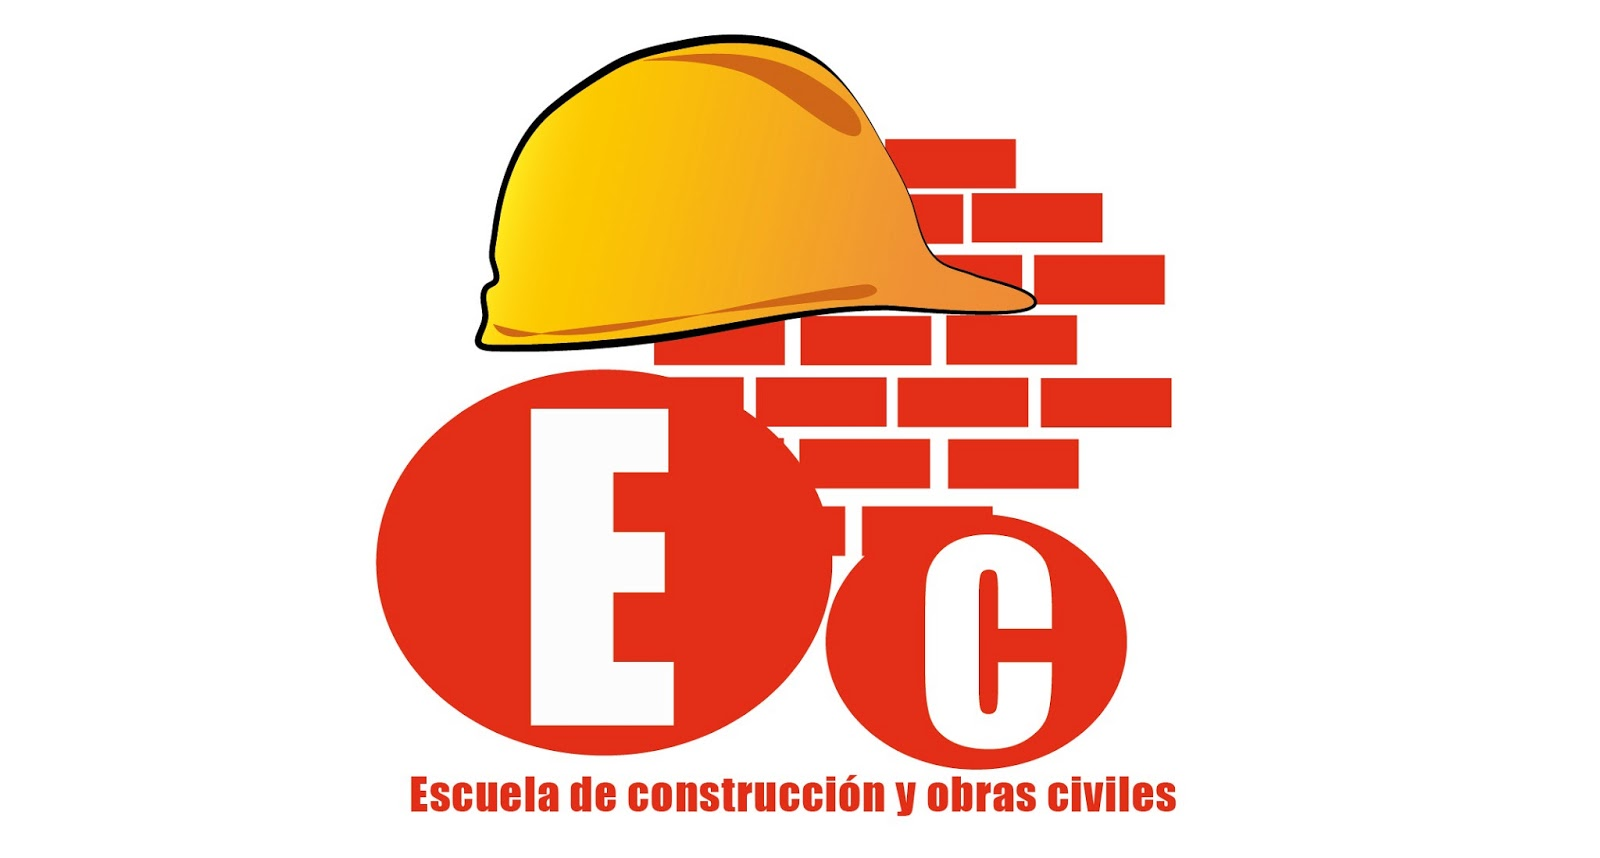 logotipos de construccion remodelacion related keywords